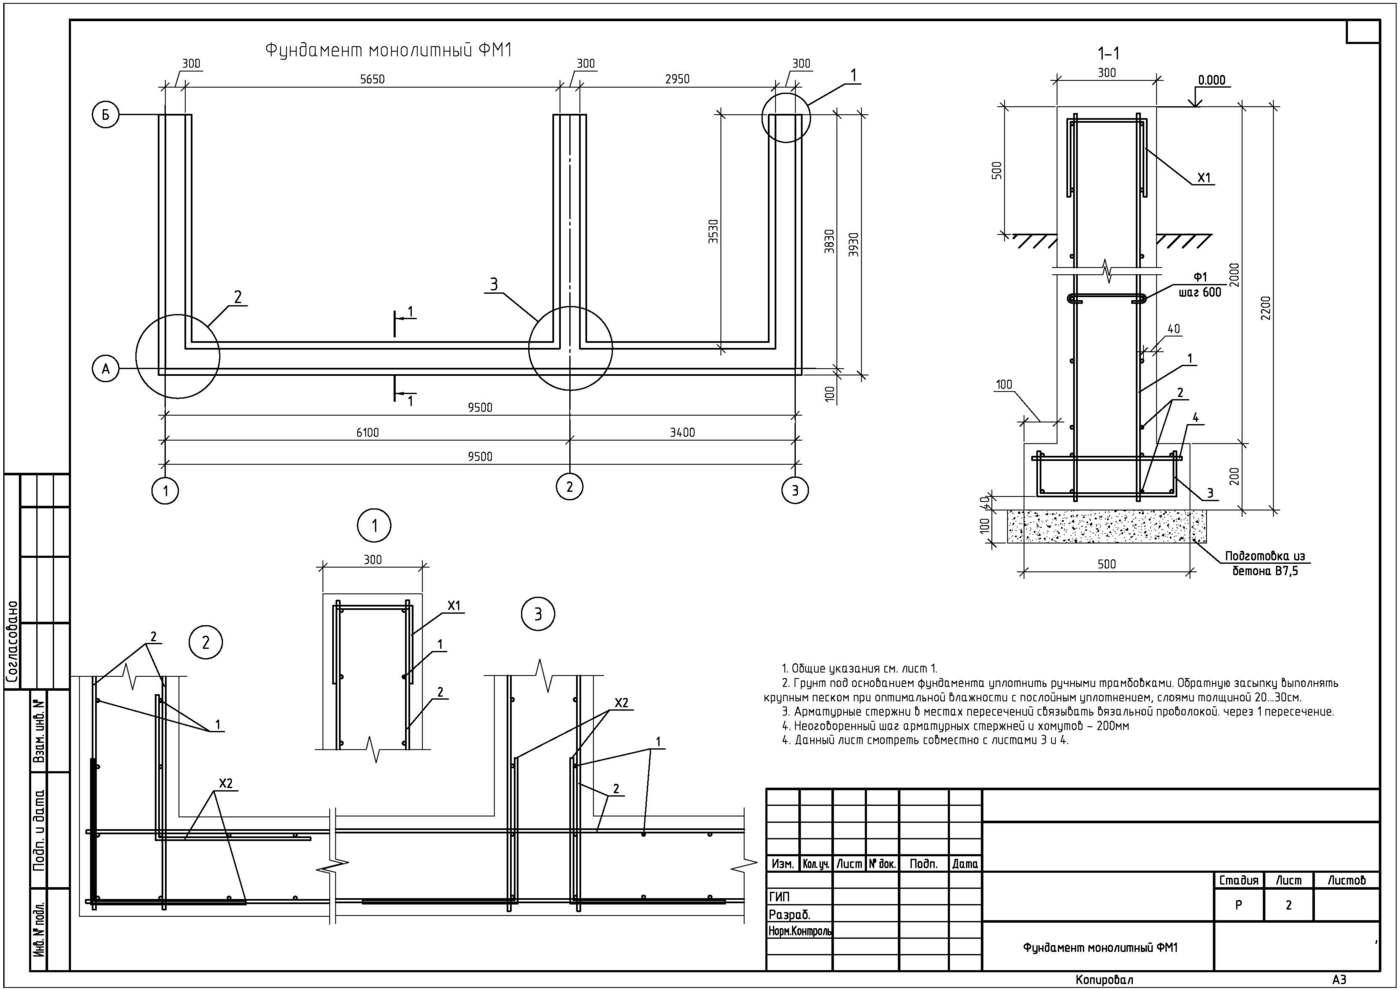 Проектирование и сметы. Проект пристройки